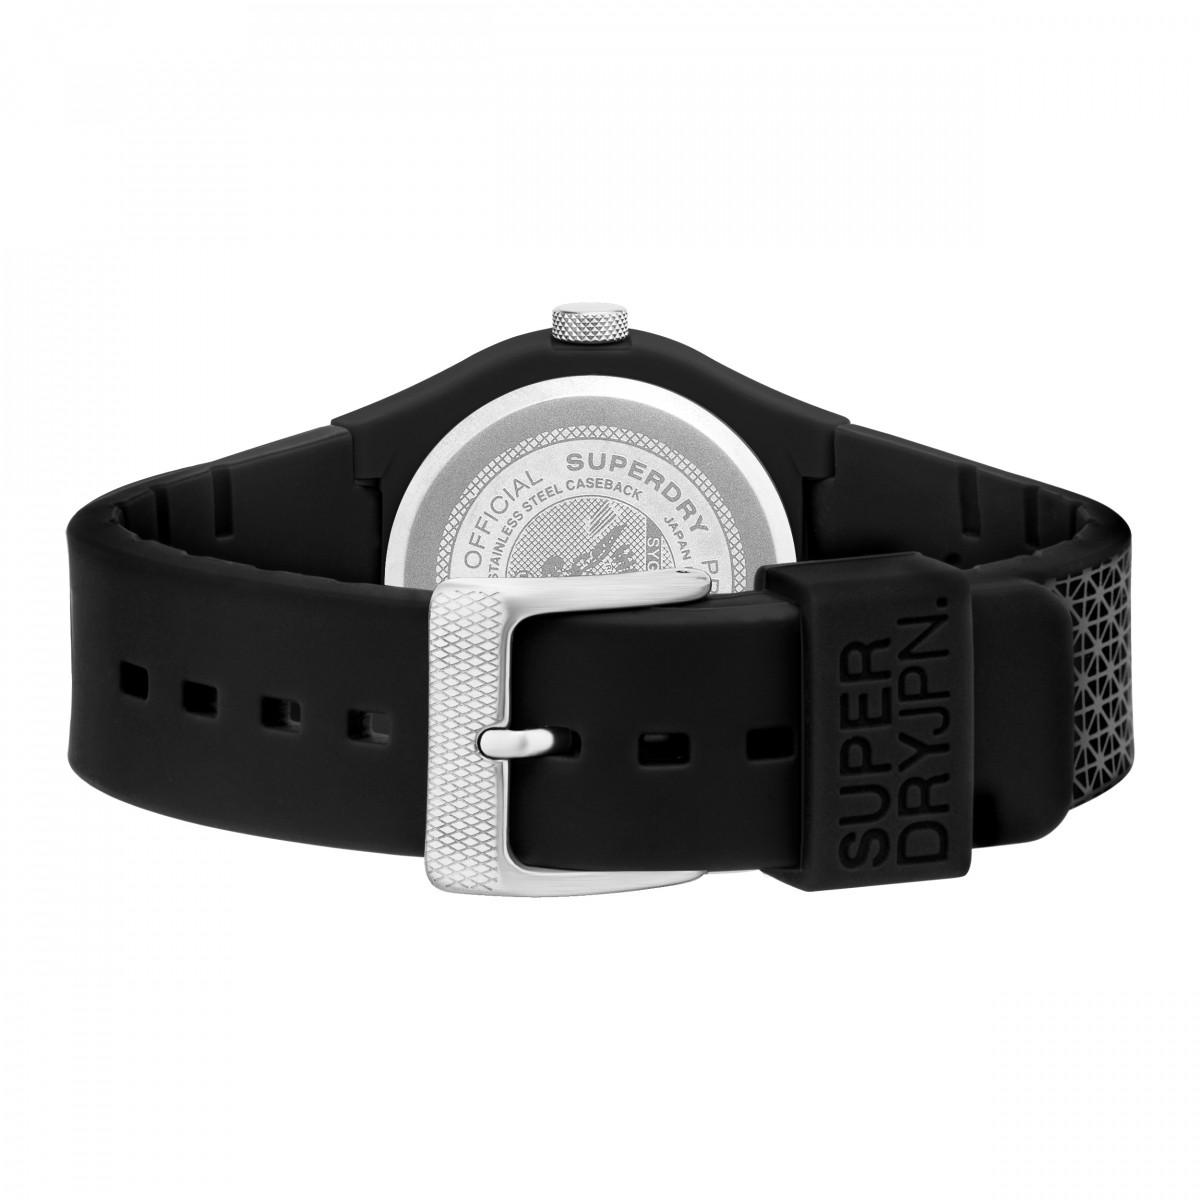 Montre Unisexe Superdry URBAN GEO SPORT Analogique Cadran noir et gris Bracelet silicone noir et gris